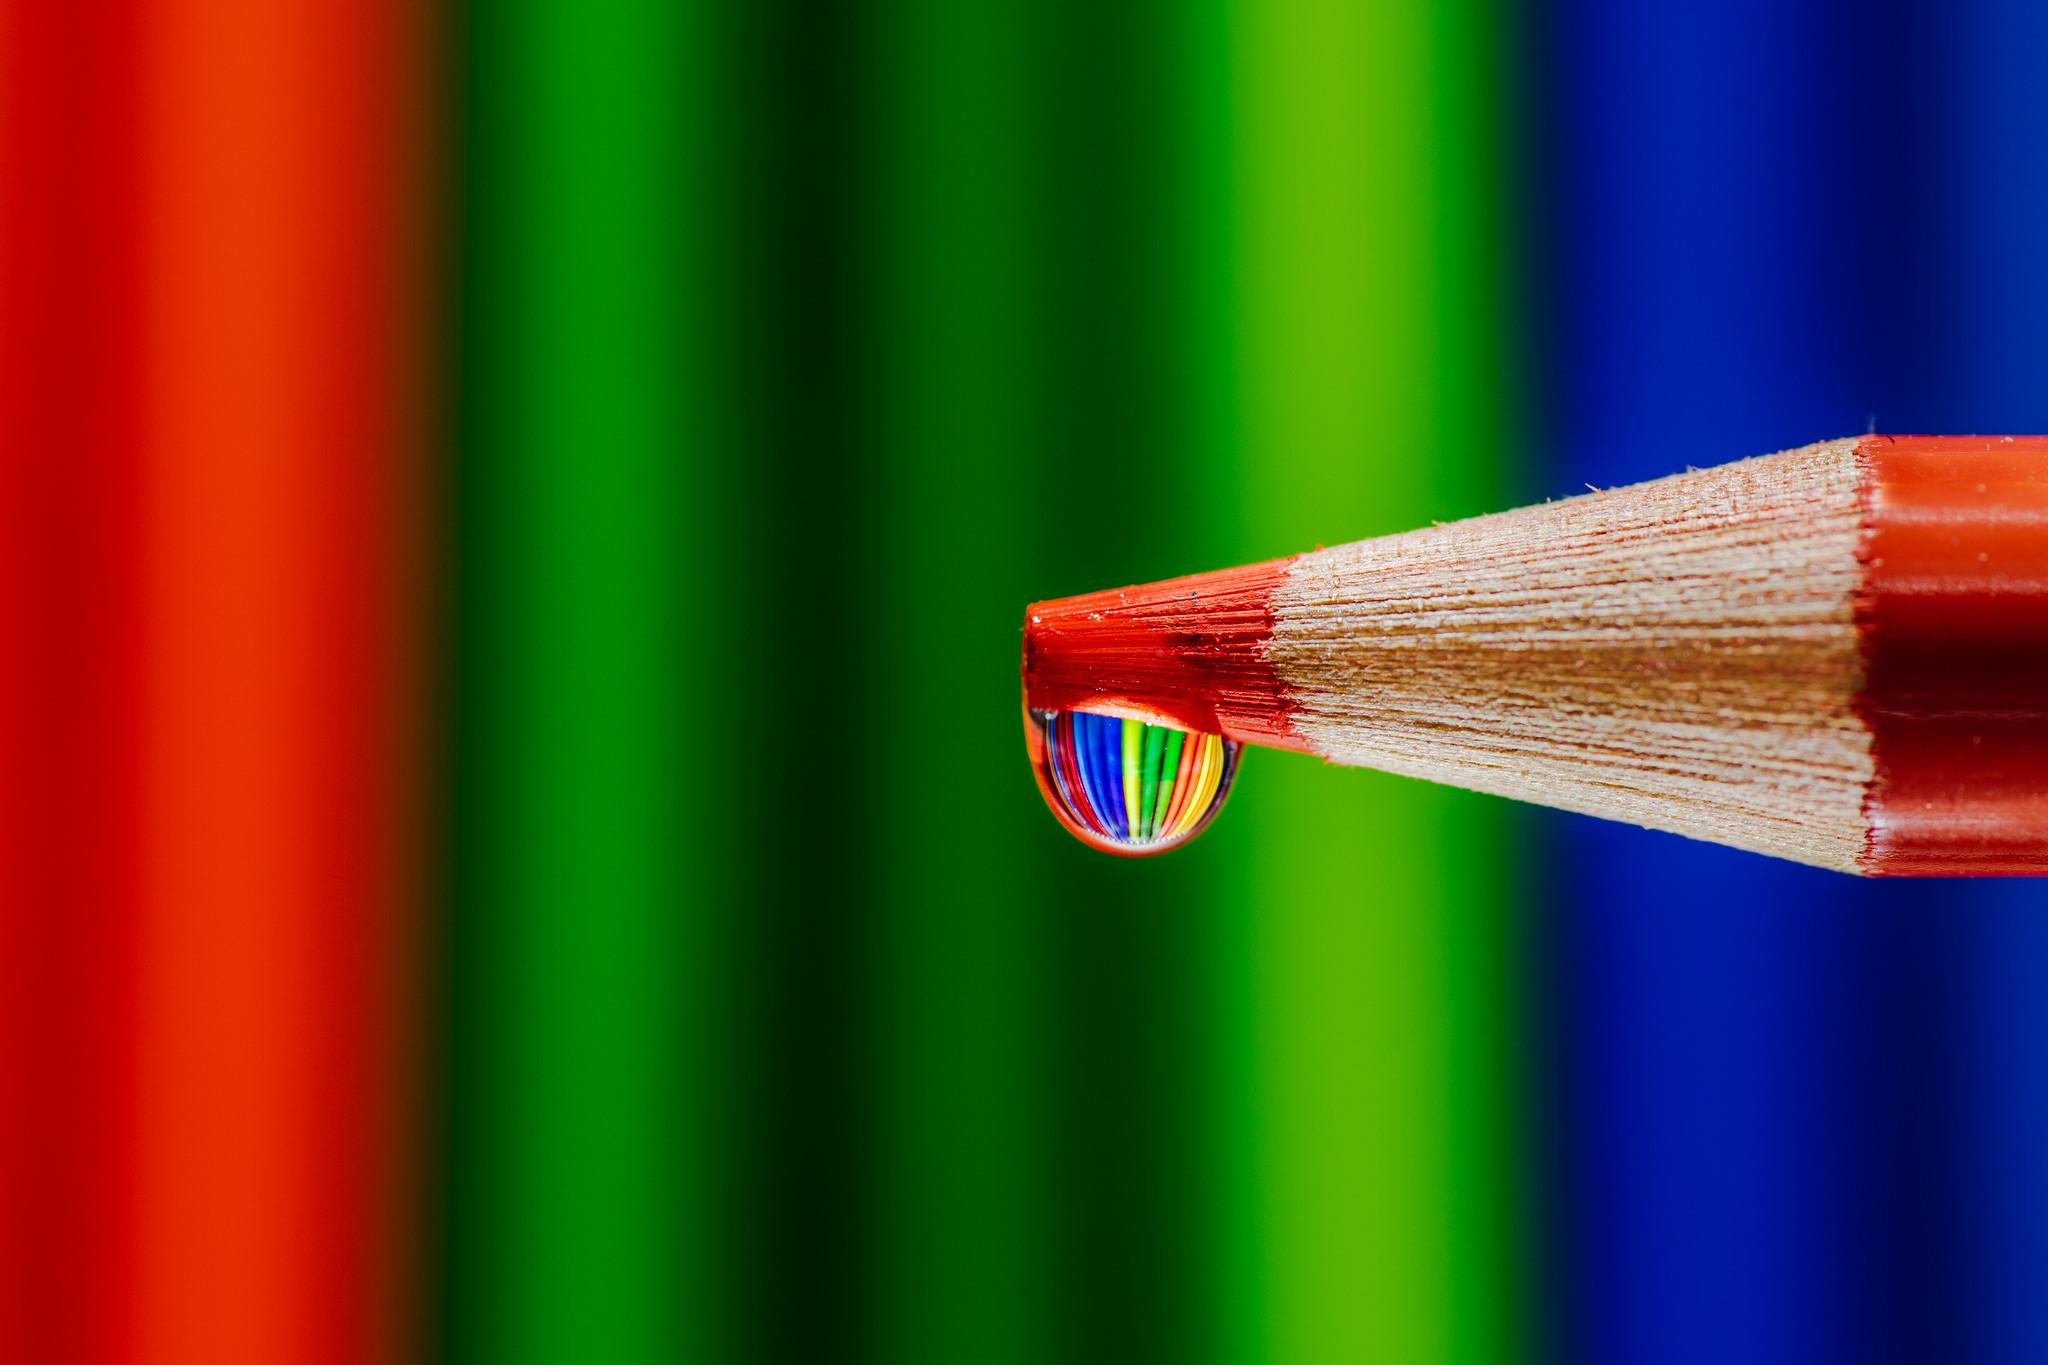 A Splash Of Color The Work Of Romero Britto